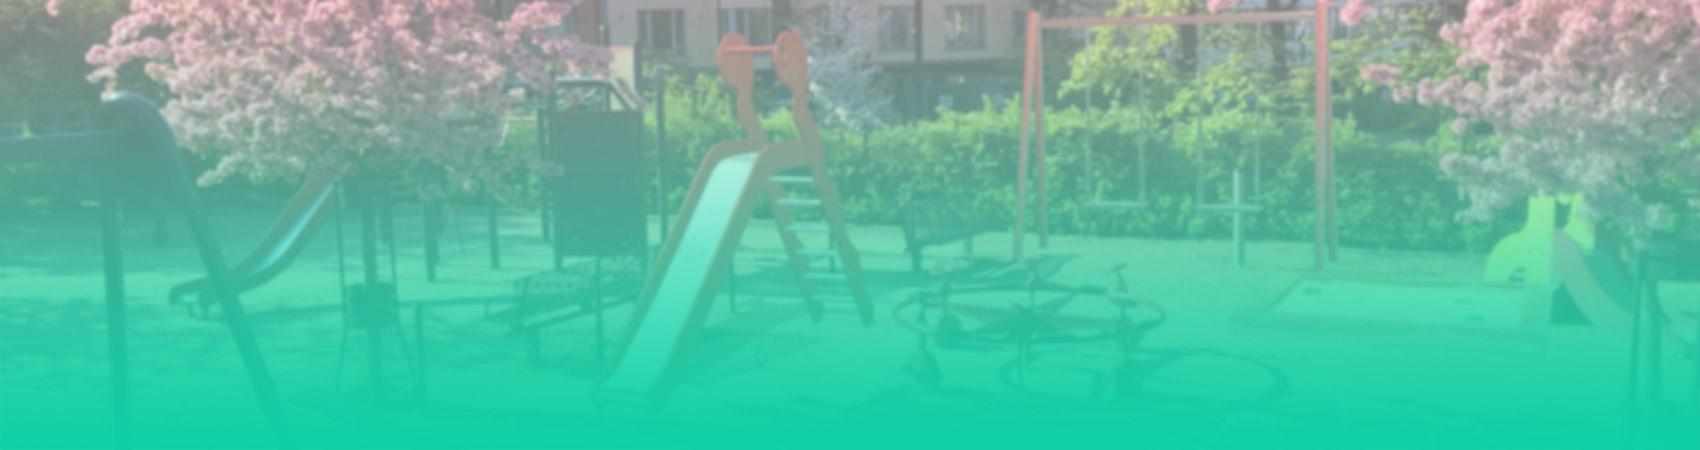 Playground-landscape-2c-1